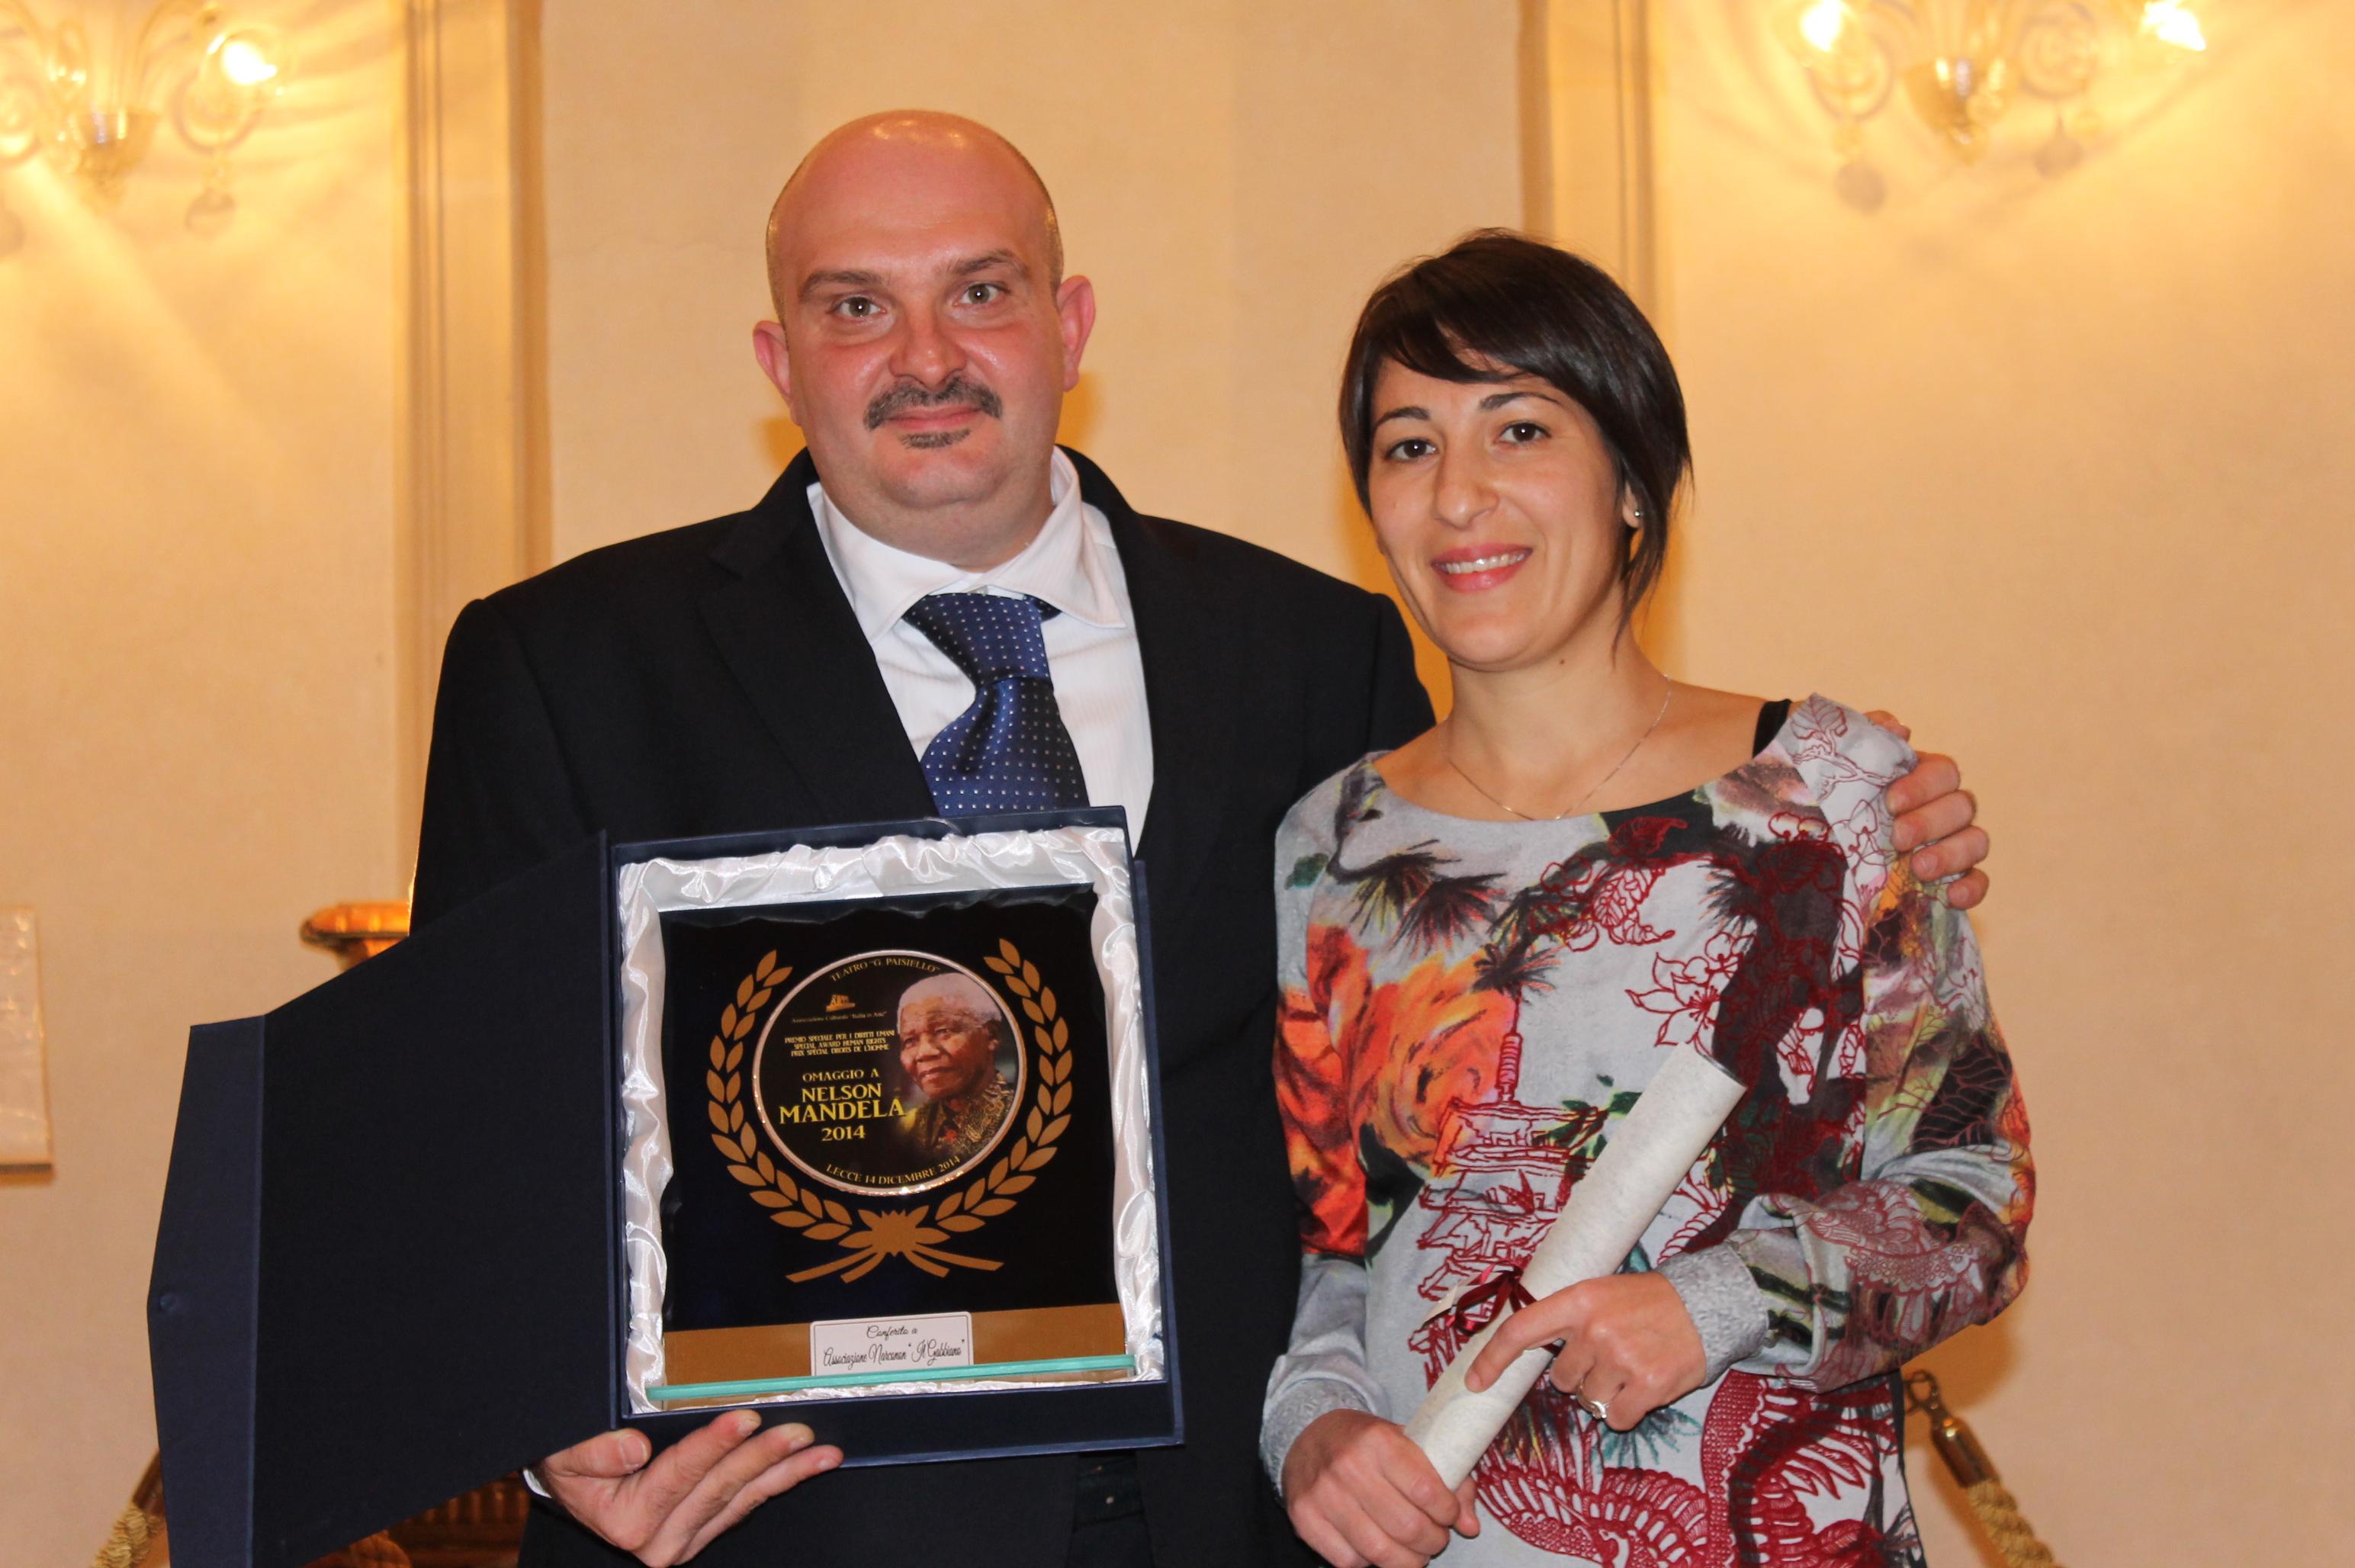 Premio Diritti Umani Narconon Gabbiano